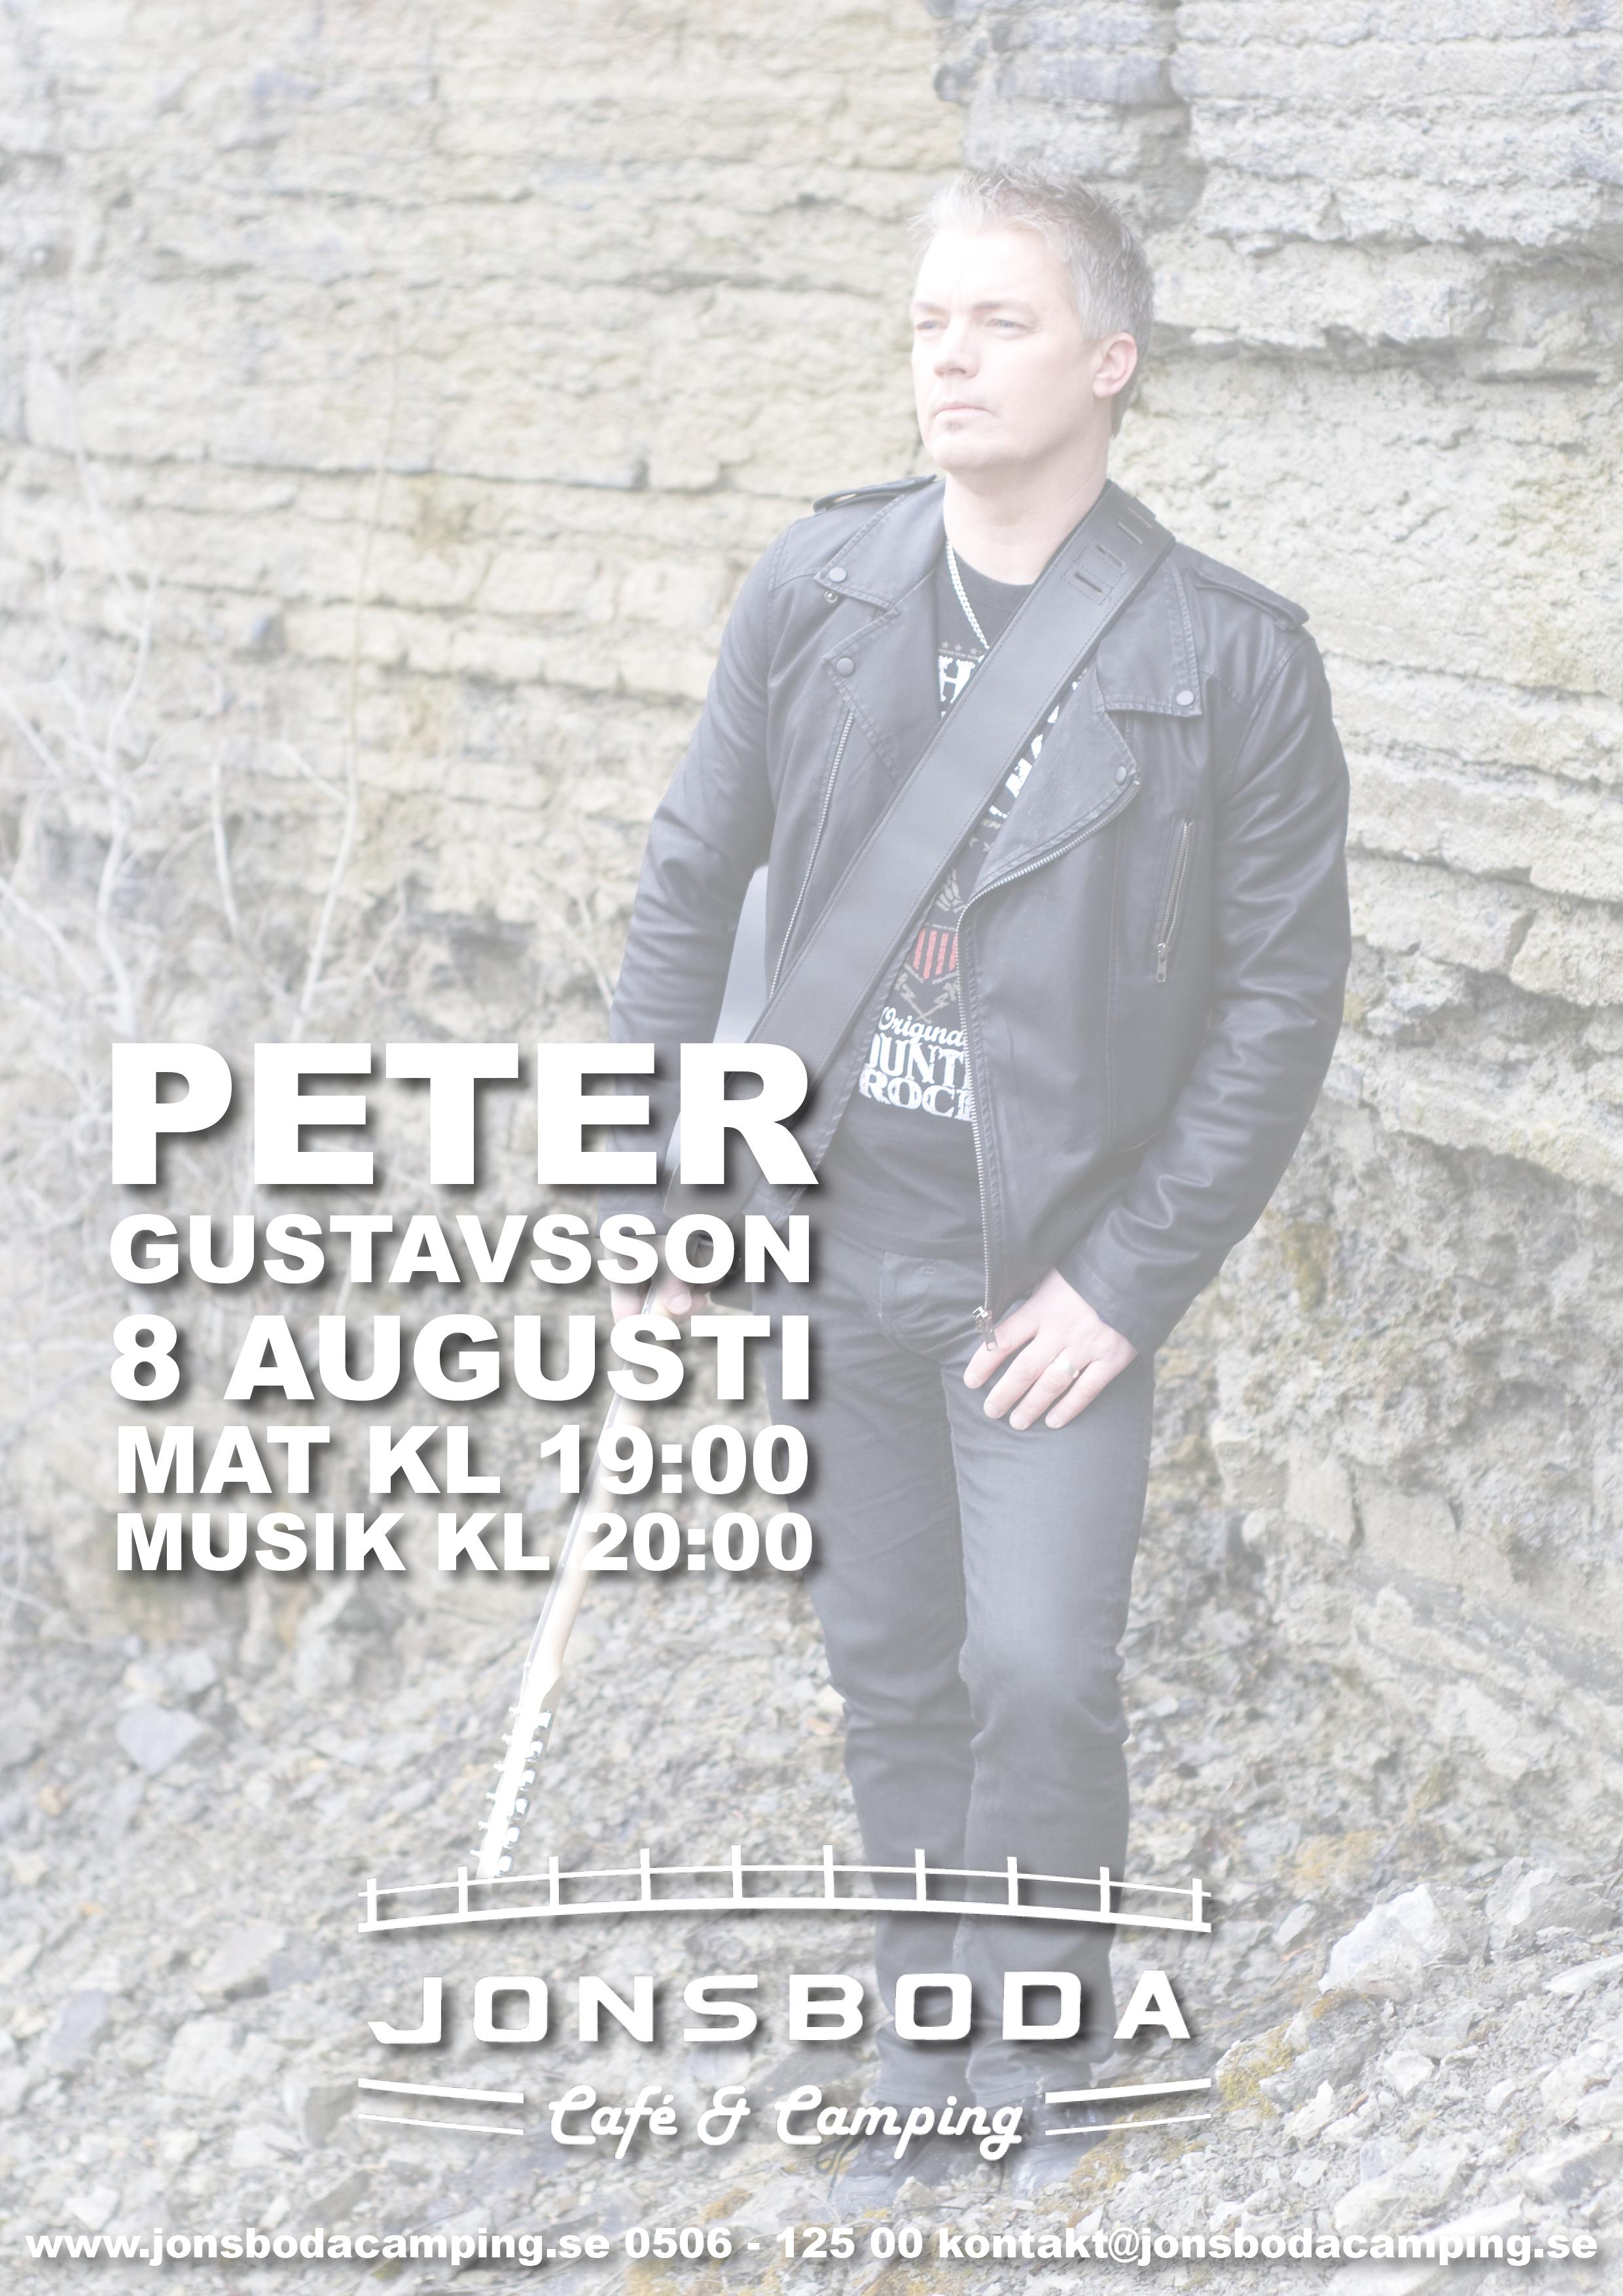 Peter Gustavsson gästar oss den 8 augusti och vi erbjuder hamburgerbuffé. Från kl 19:00.